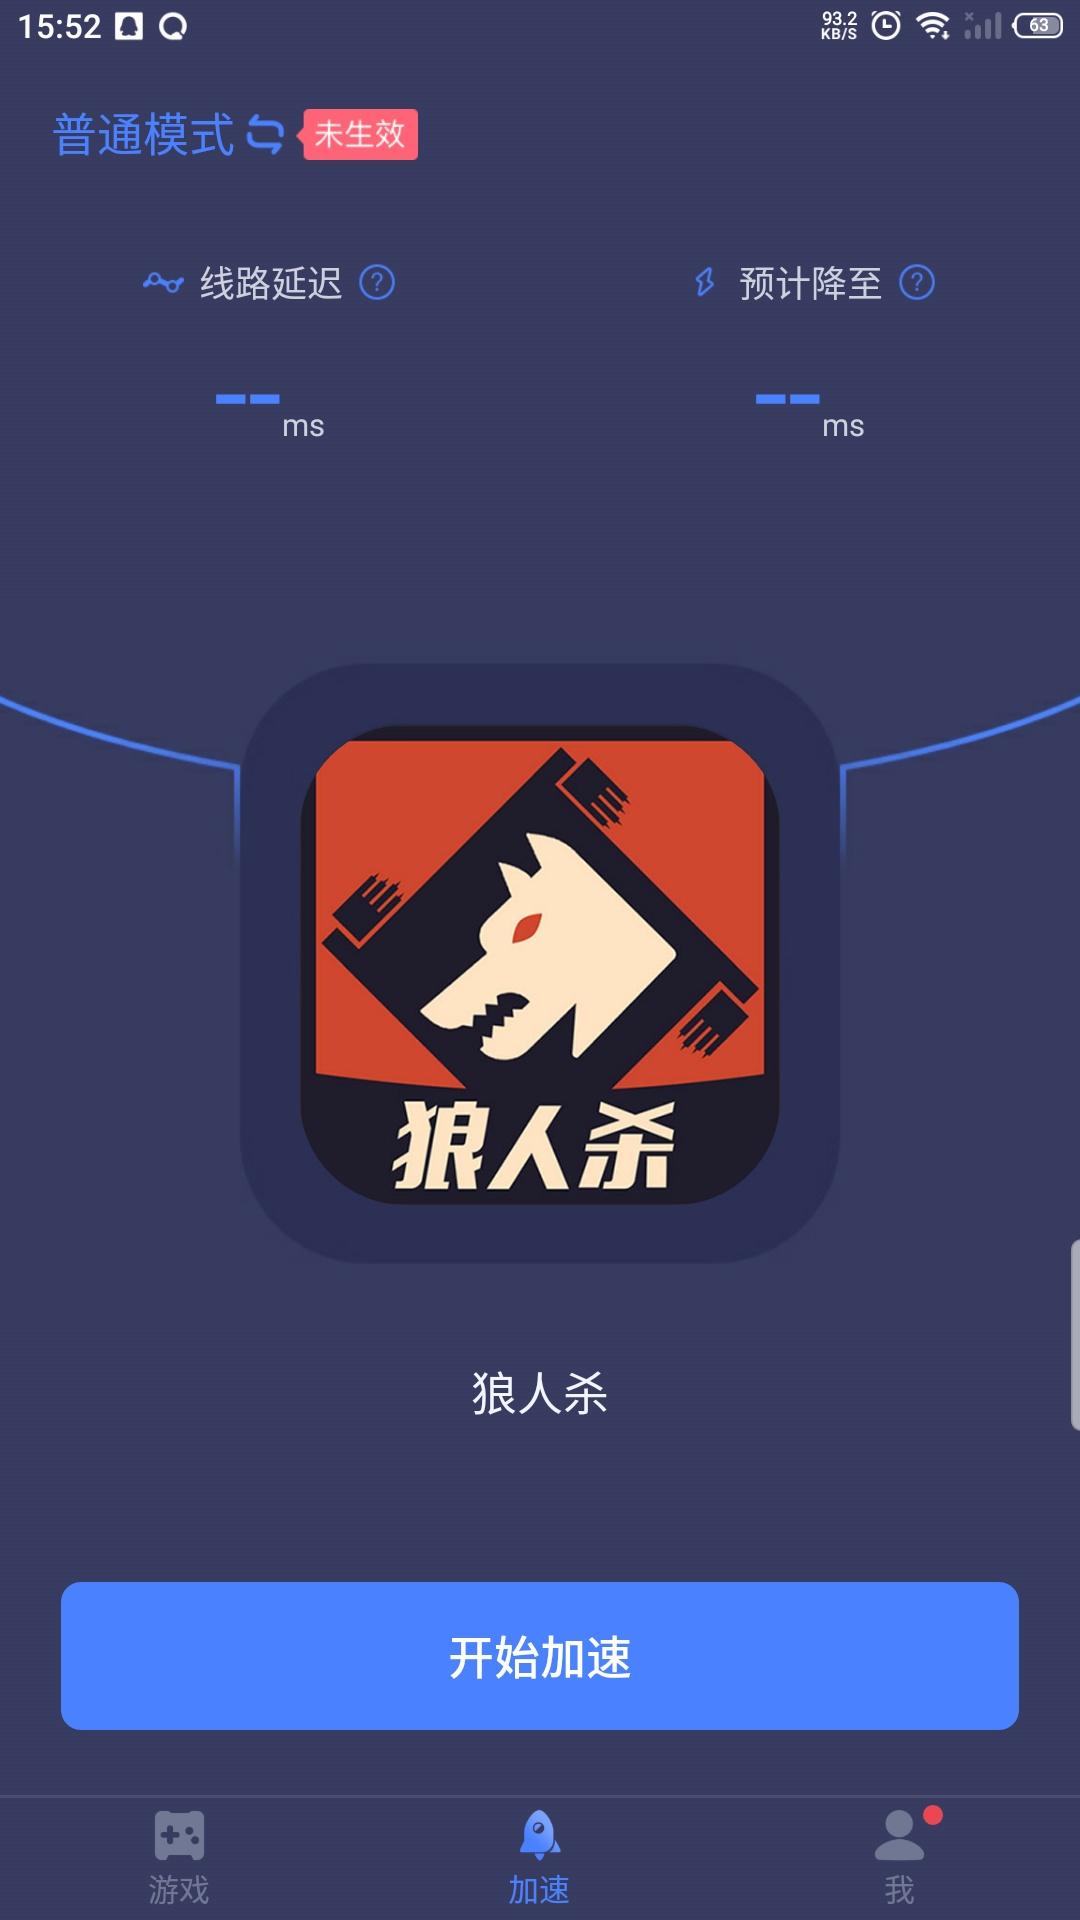 【分享】迅游加速器5.1.12会员版-爱小助